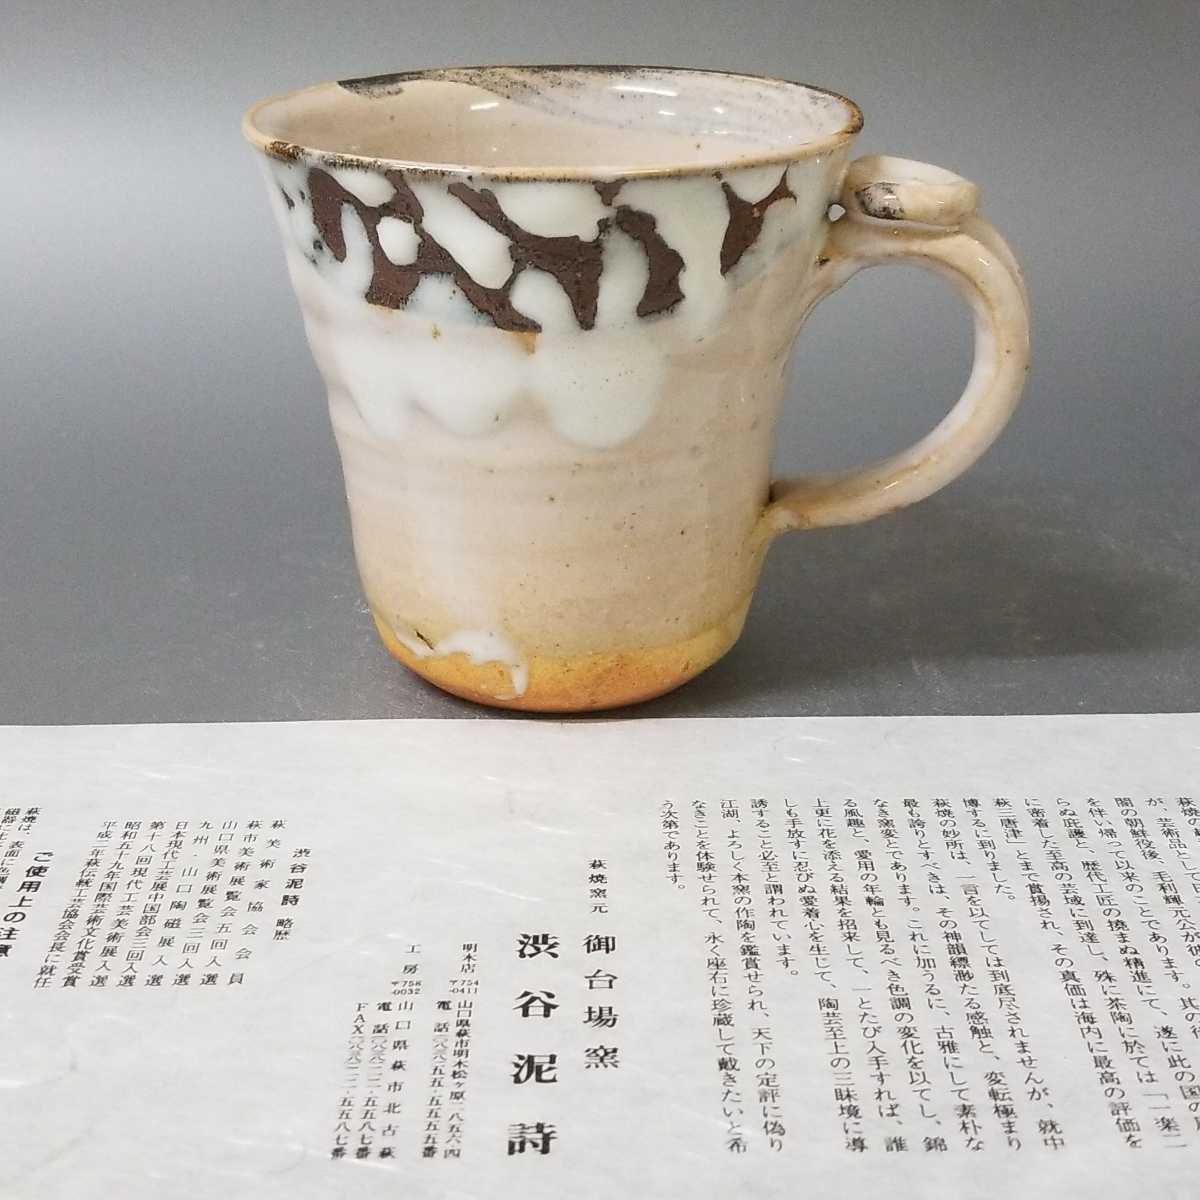 富09)萩焼 渋谷泥詩 白萩マグカップ 珈琲器 茶器 未使用新品 同梱歓迎 _画像10